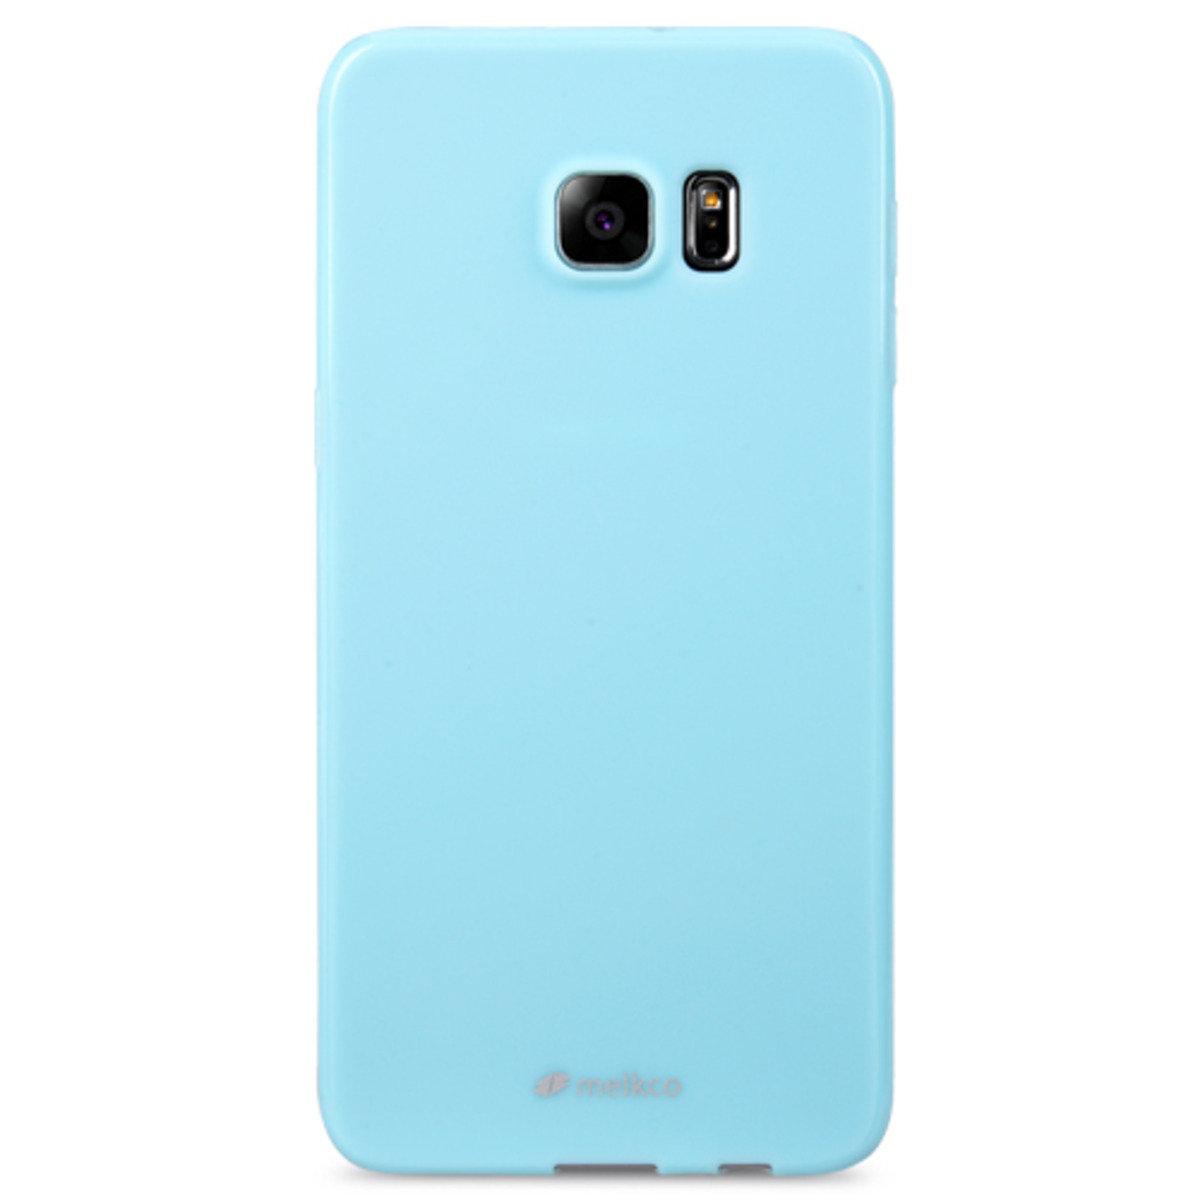 Galaxy S6 Edge Plus Poly Jacket手機保護殼 - 珍珠藍色(附送屏幕保護貼)